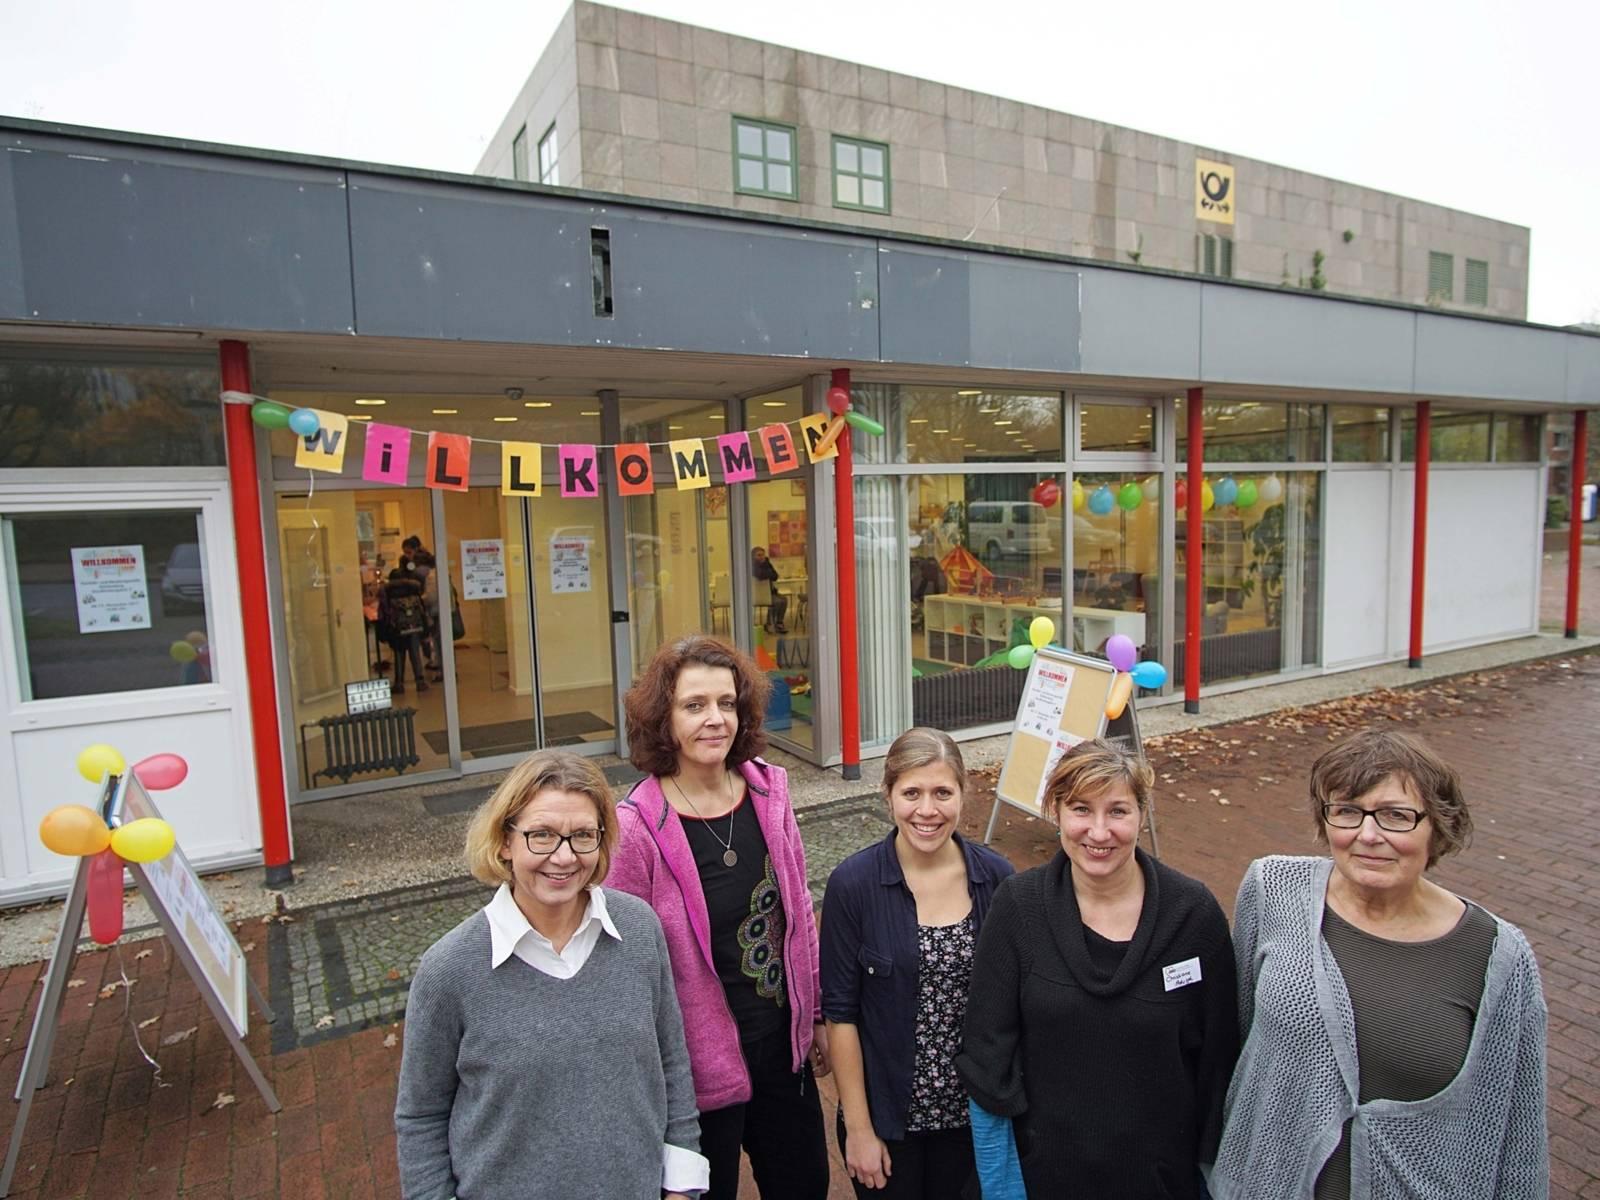 Fünf Frauen vor einem Gebäude.